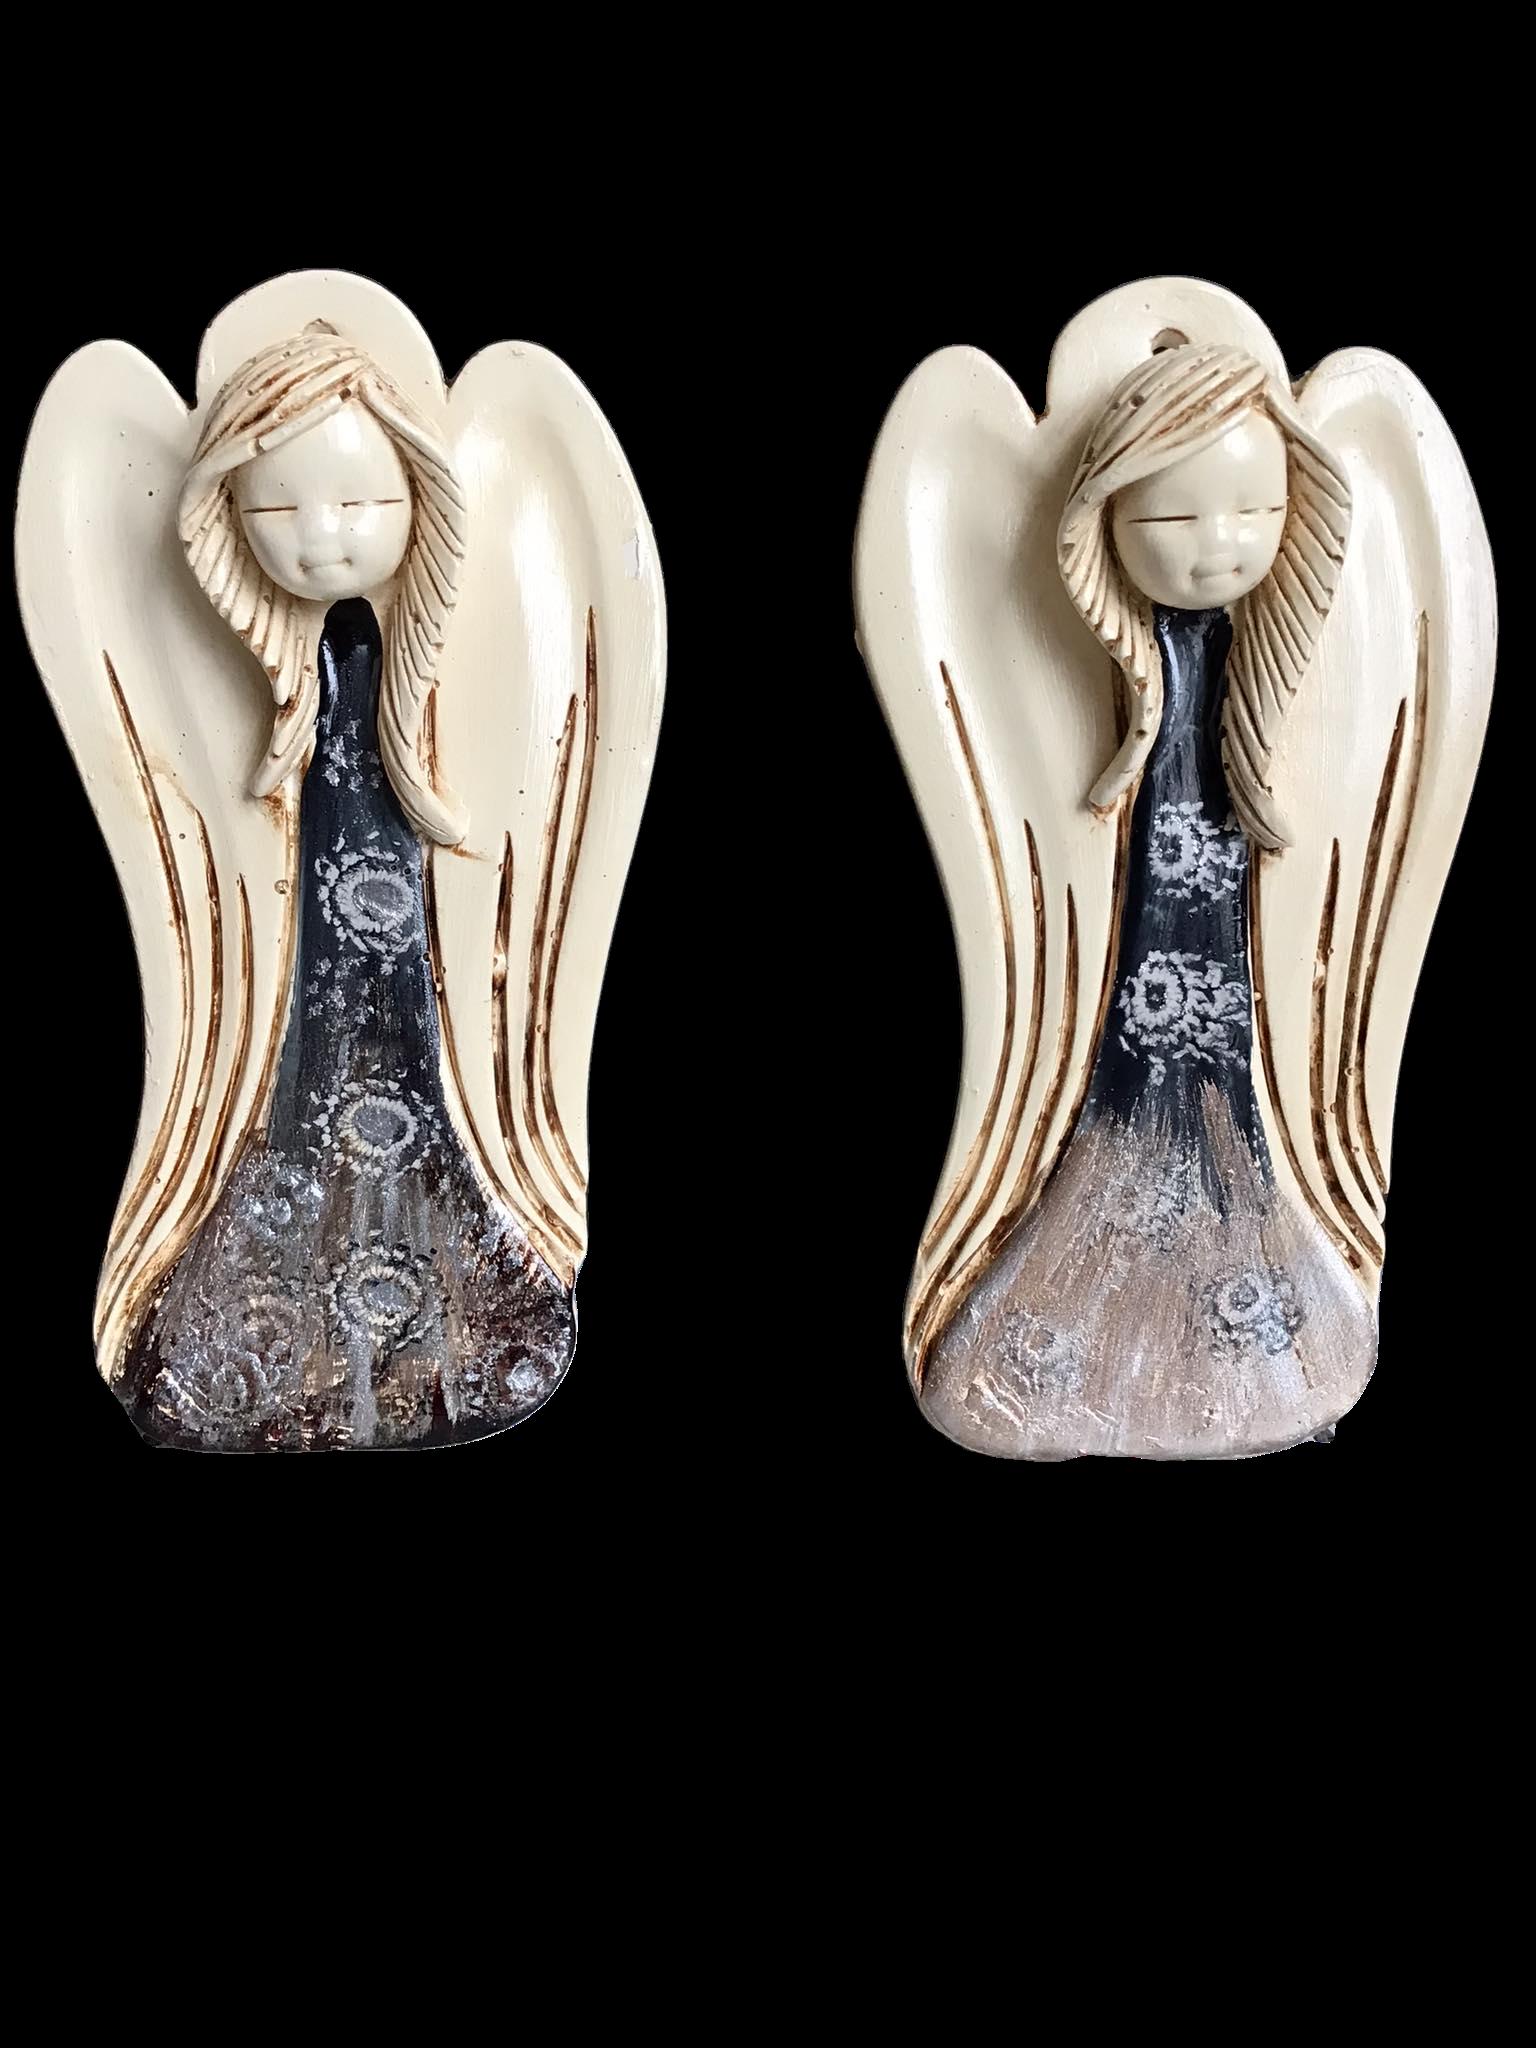 Anioł Lioli8a